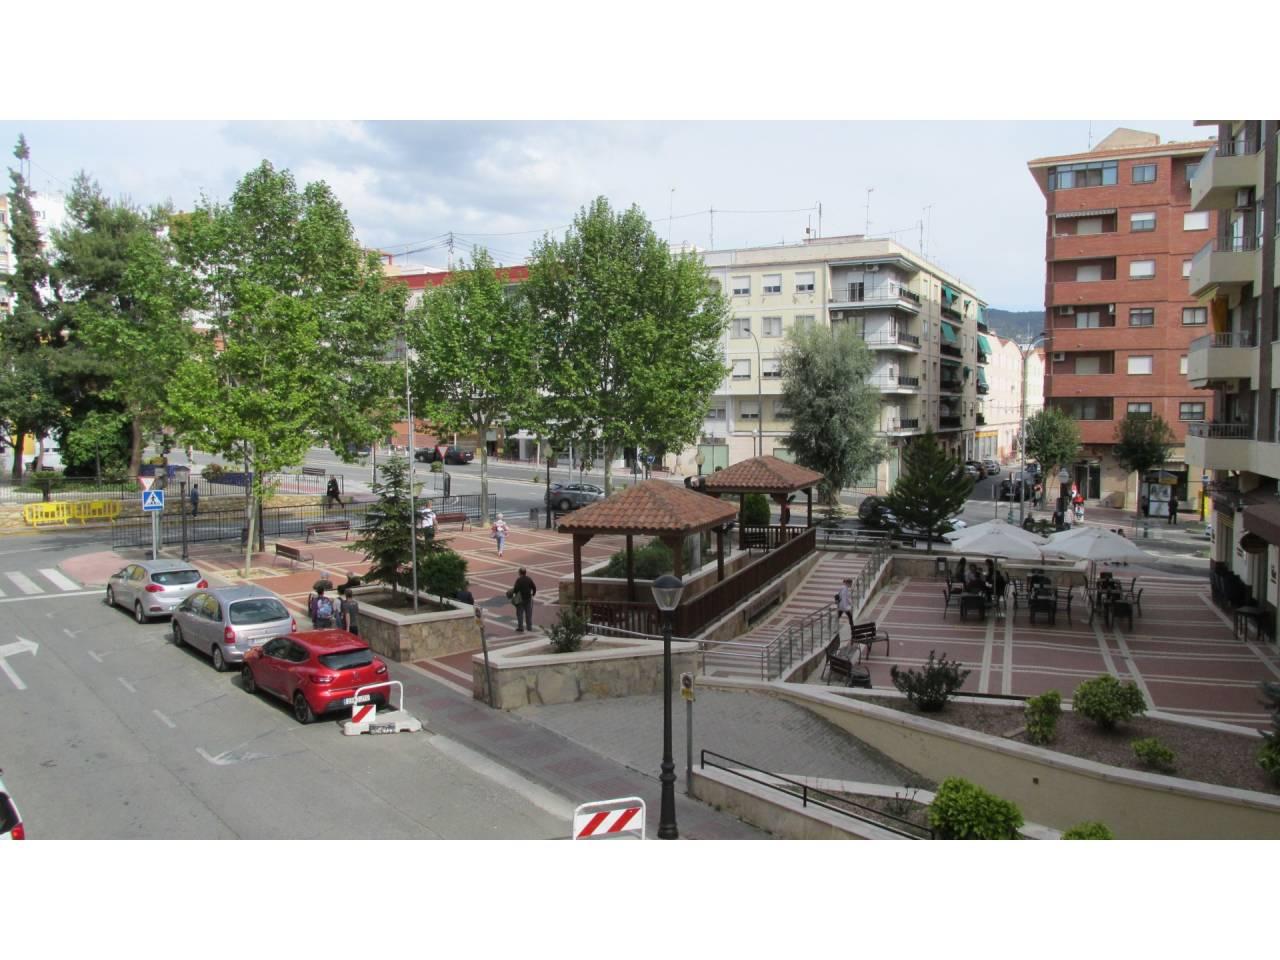 Lloguer Pis  Avenida de la paz, 6. Altura piso 1º, piso superficie total 136 m², superficie útil 10